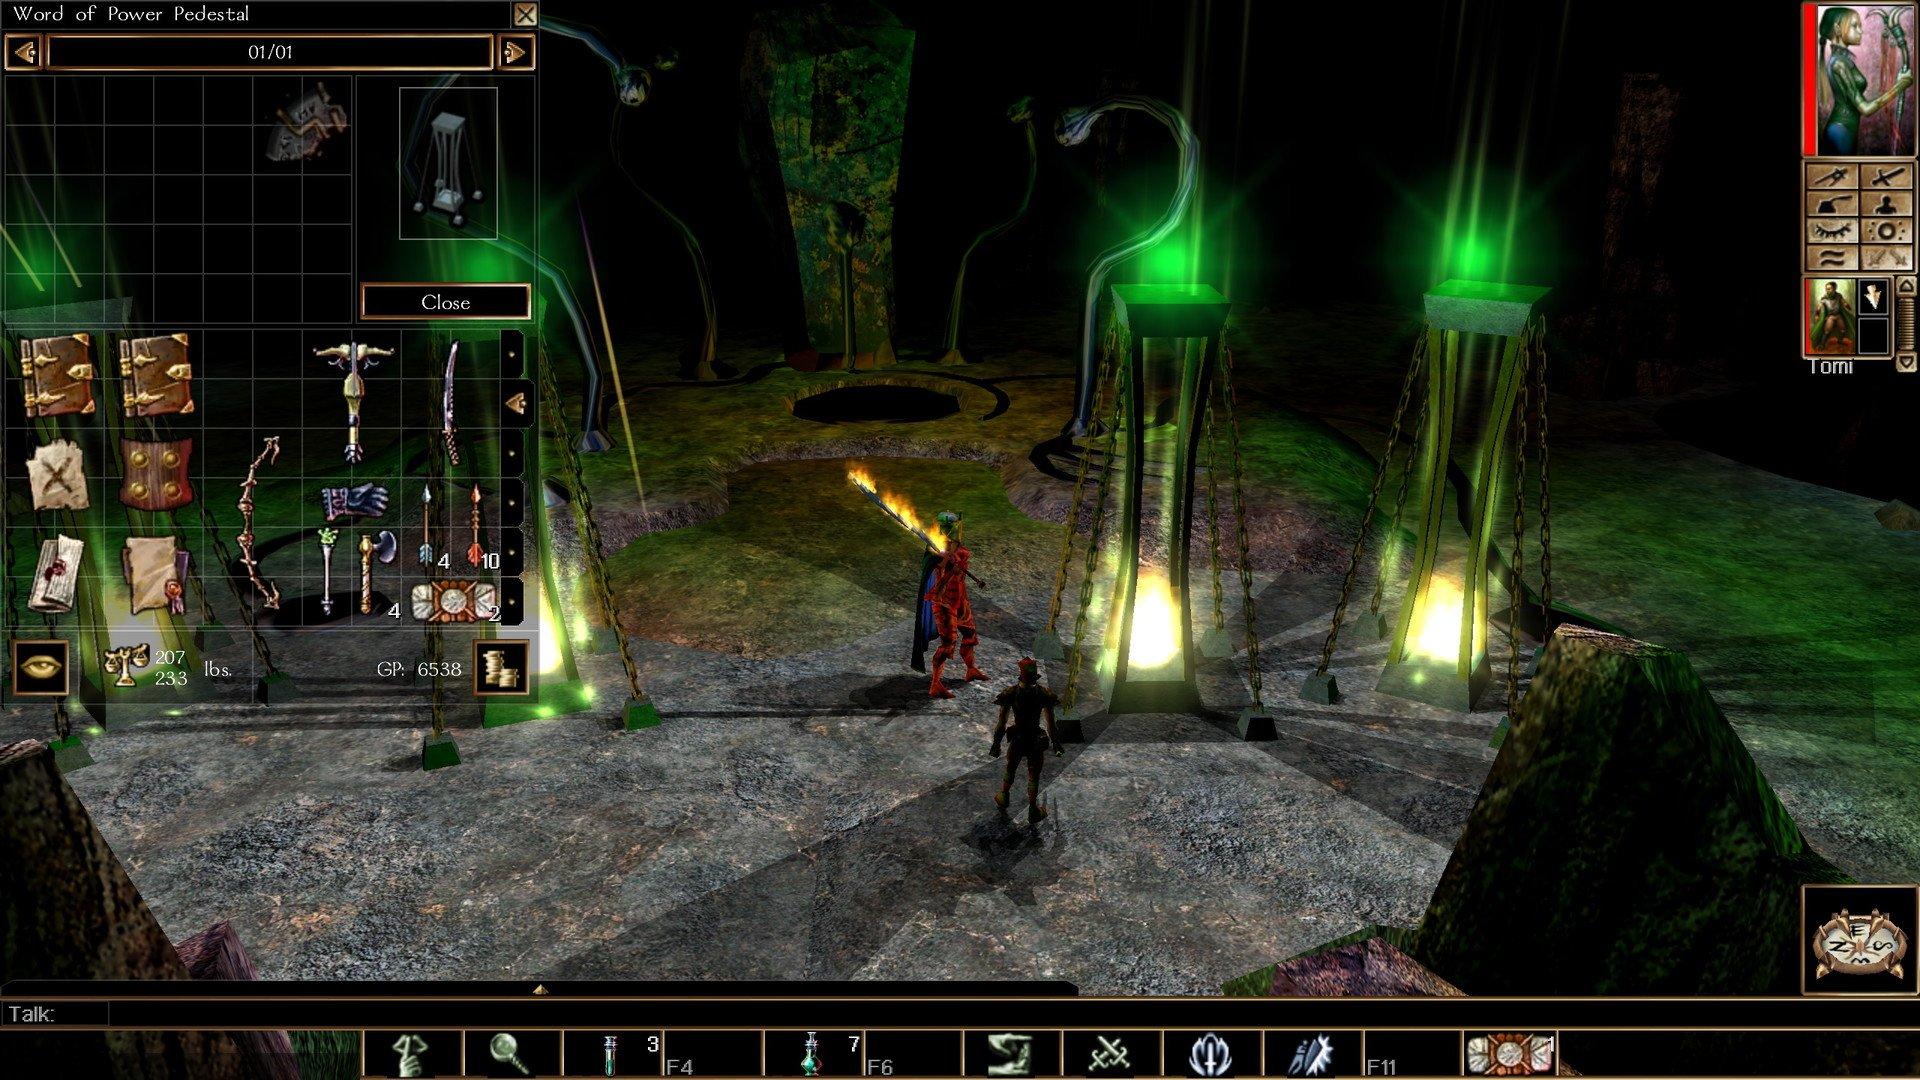 Скриншот к игре Neverwinter Nights: Enhanced Edition Digital Deluxe Edition (2018) скачать торрент RePack